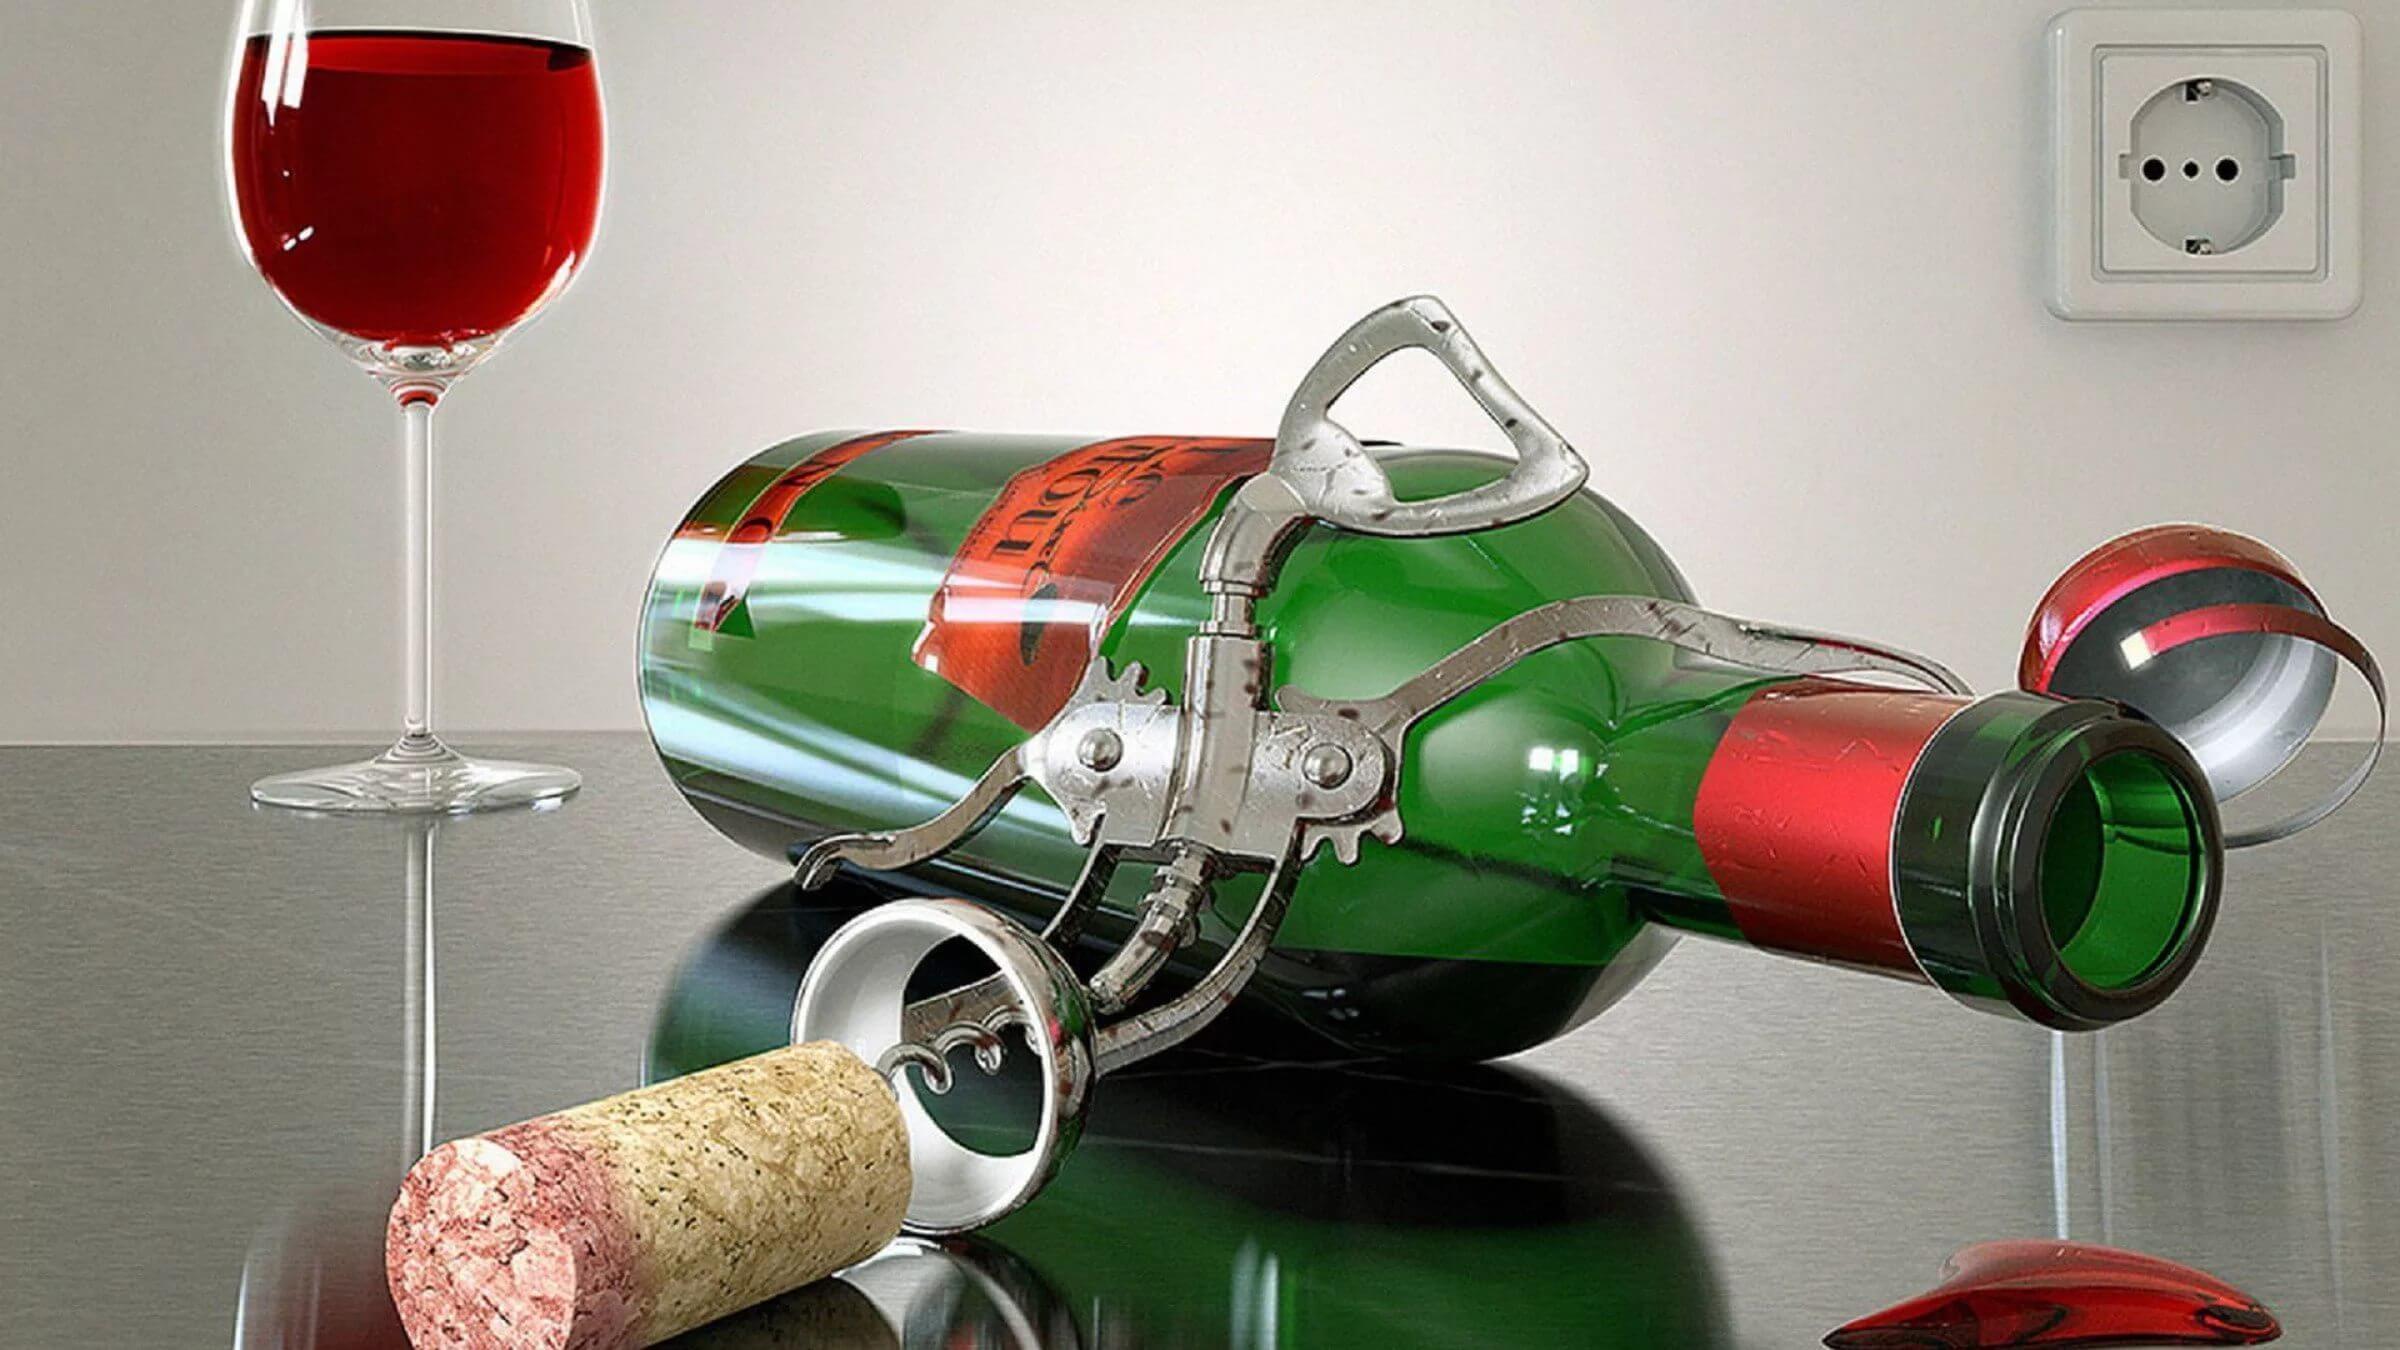 Цена раскодировки от алкоголя - Освобождение 74